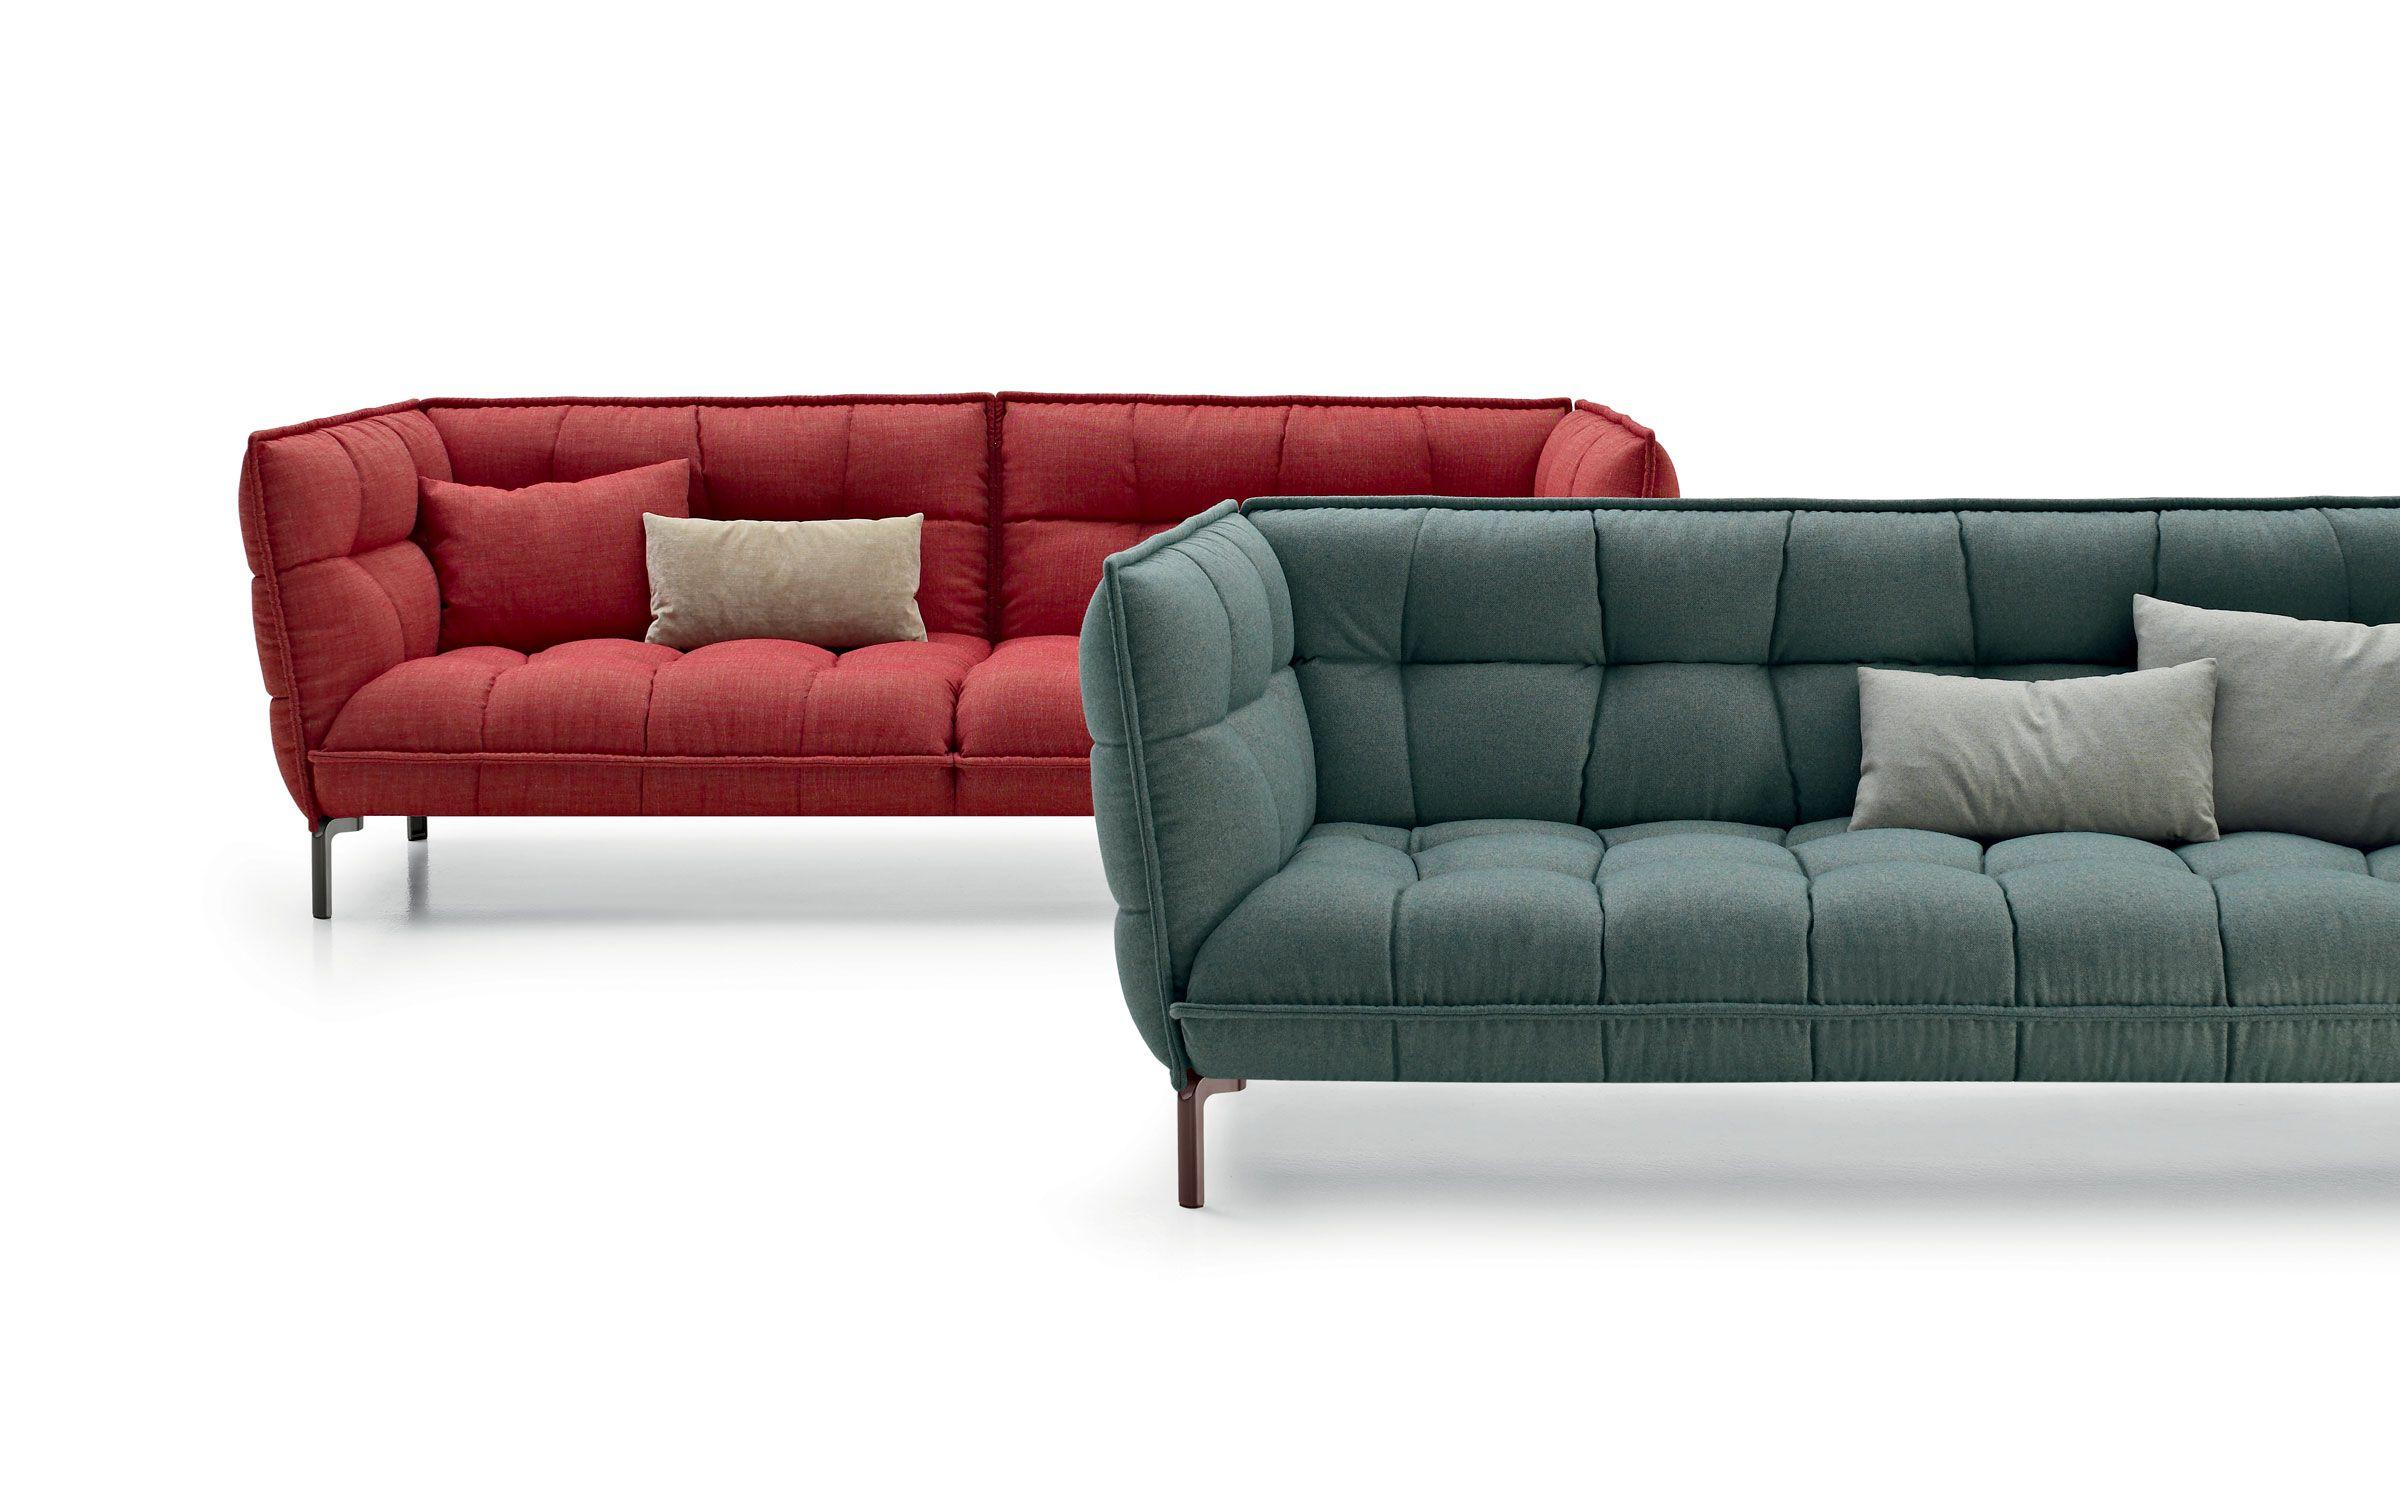 Husk sofa design by patricia urquiola furniture design - Patricia urquiola sofa ...